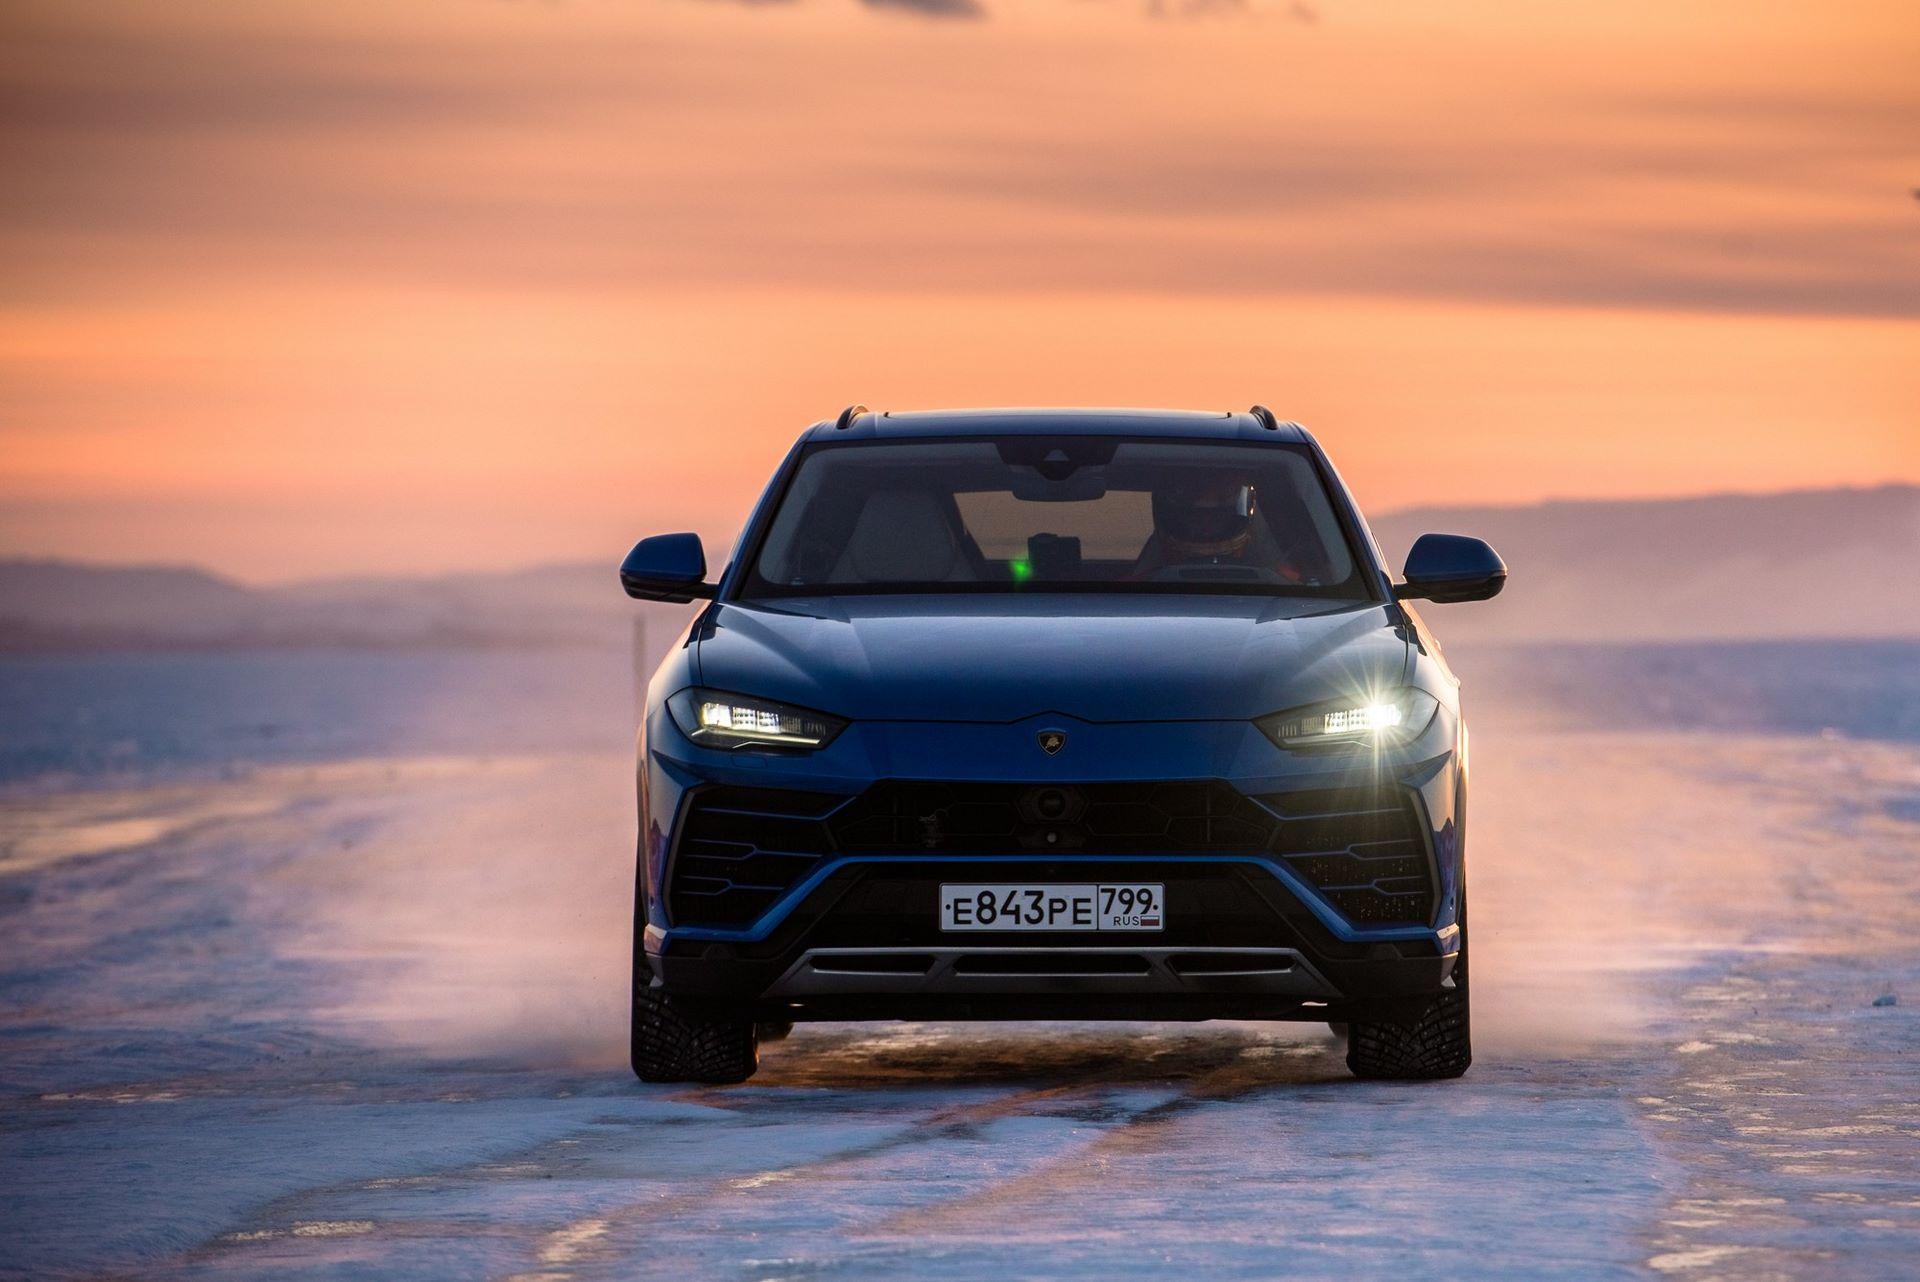 Lamborghini-Urus-Ice-Speed-Record-1